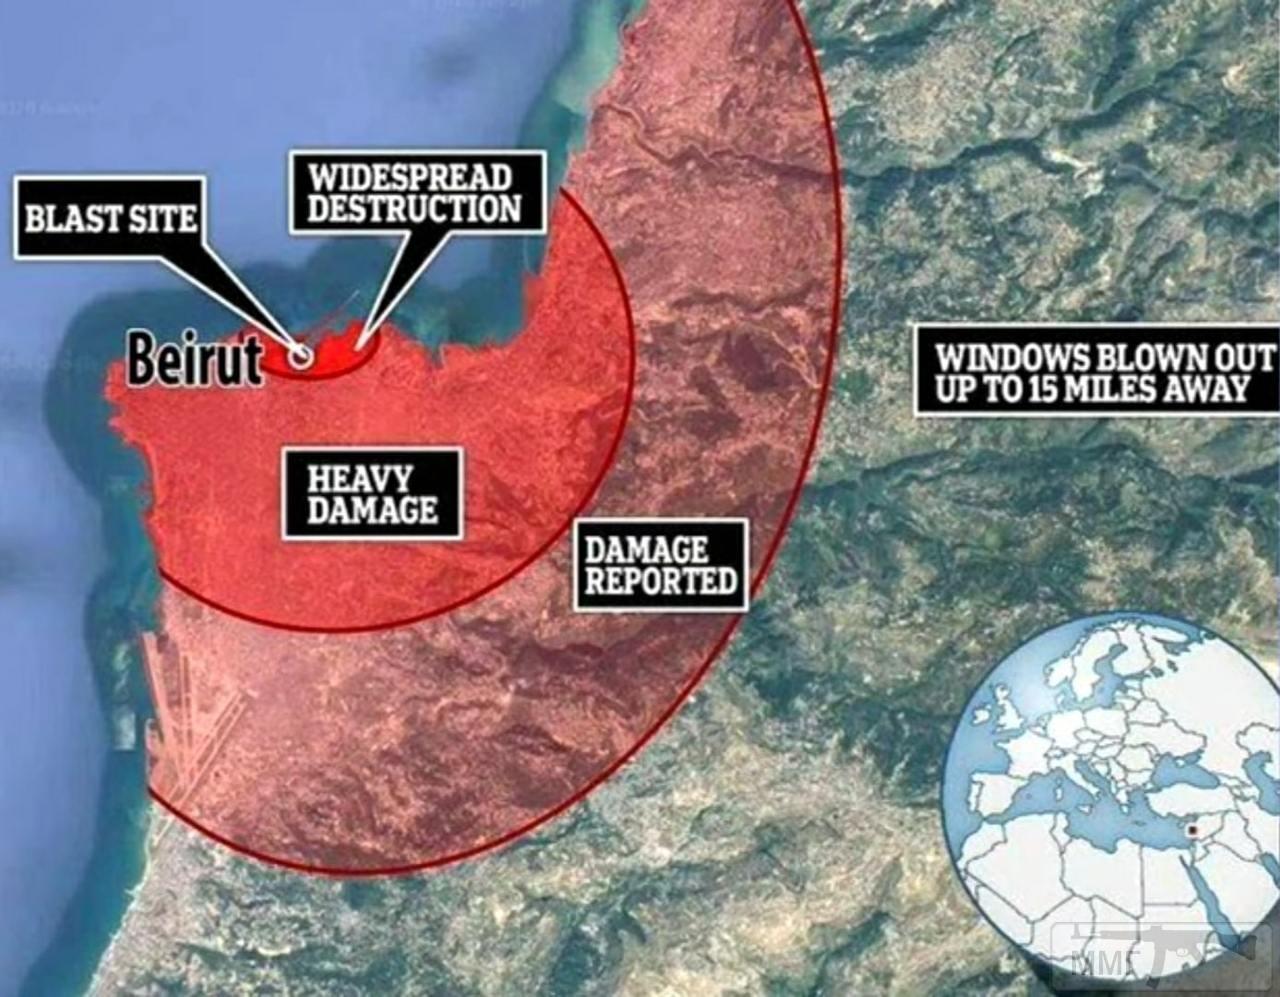 109849 - Ситуация на Ближнем Востоке в целом